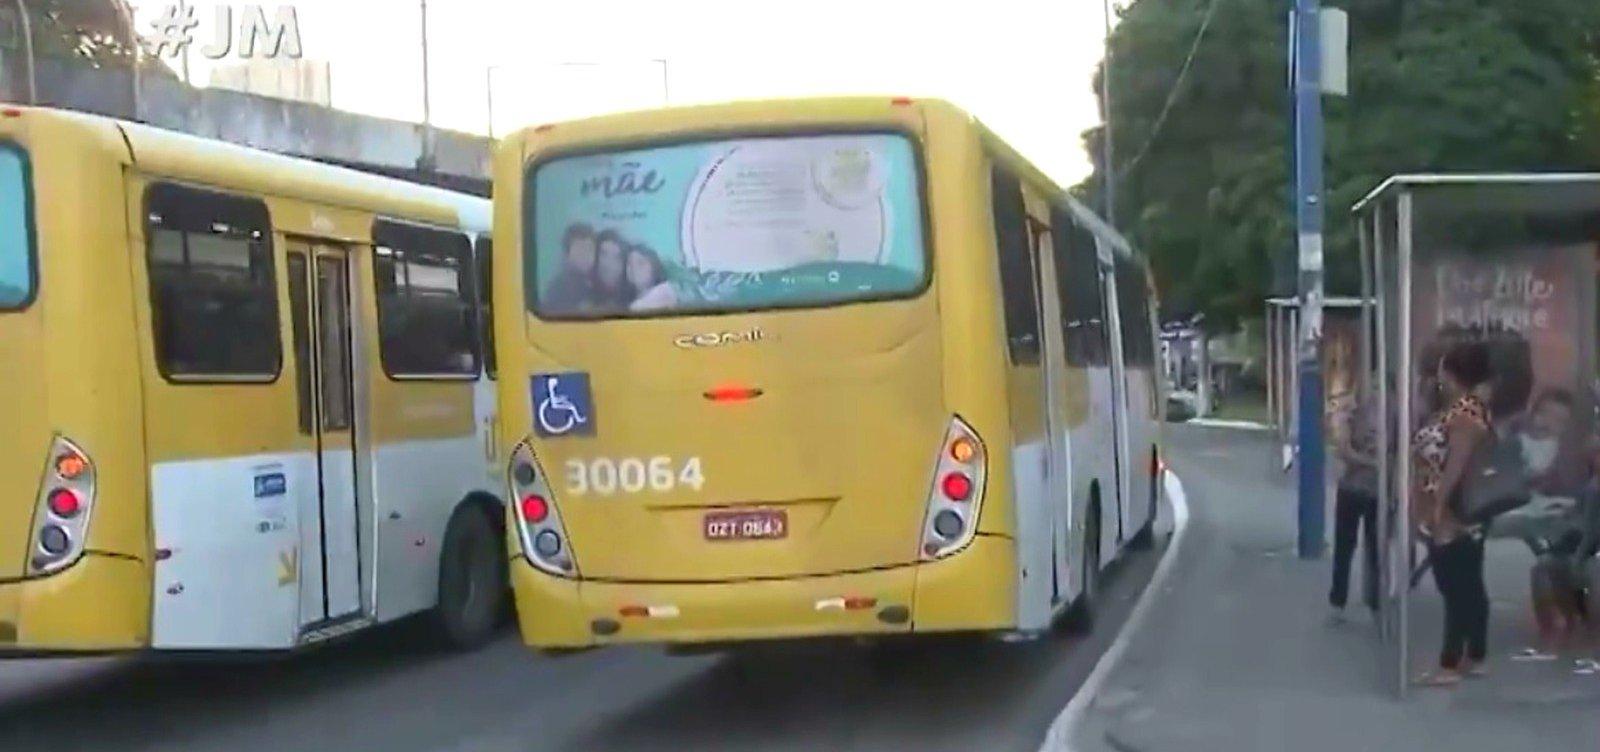 Prefeitura adia mudanças no trajeto das linhas de ônibus em Ondina